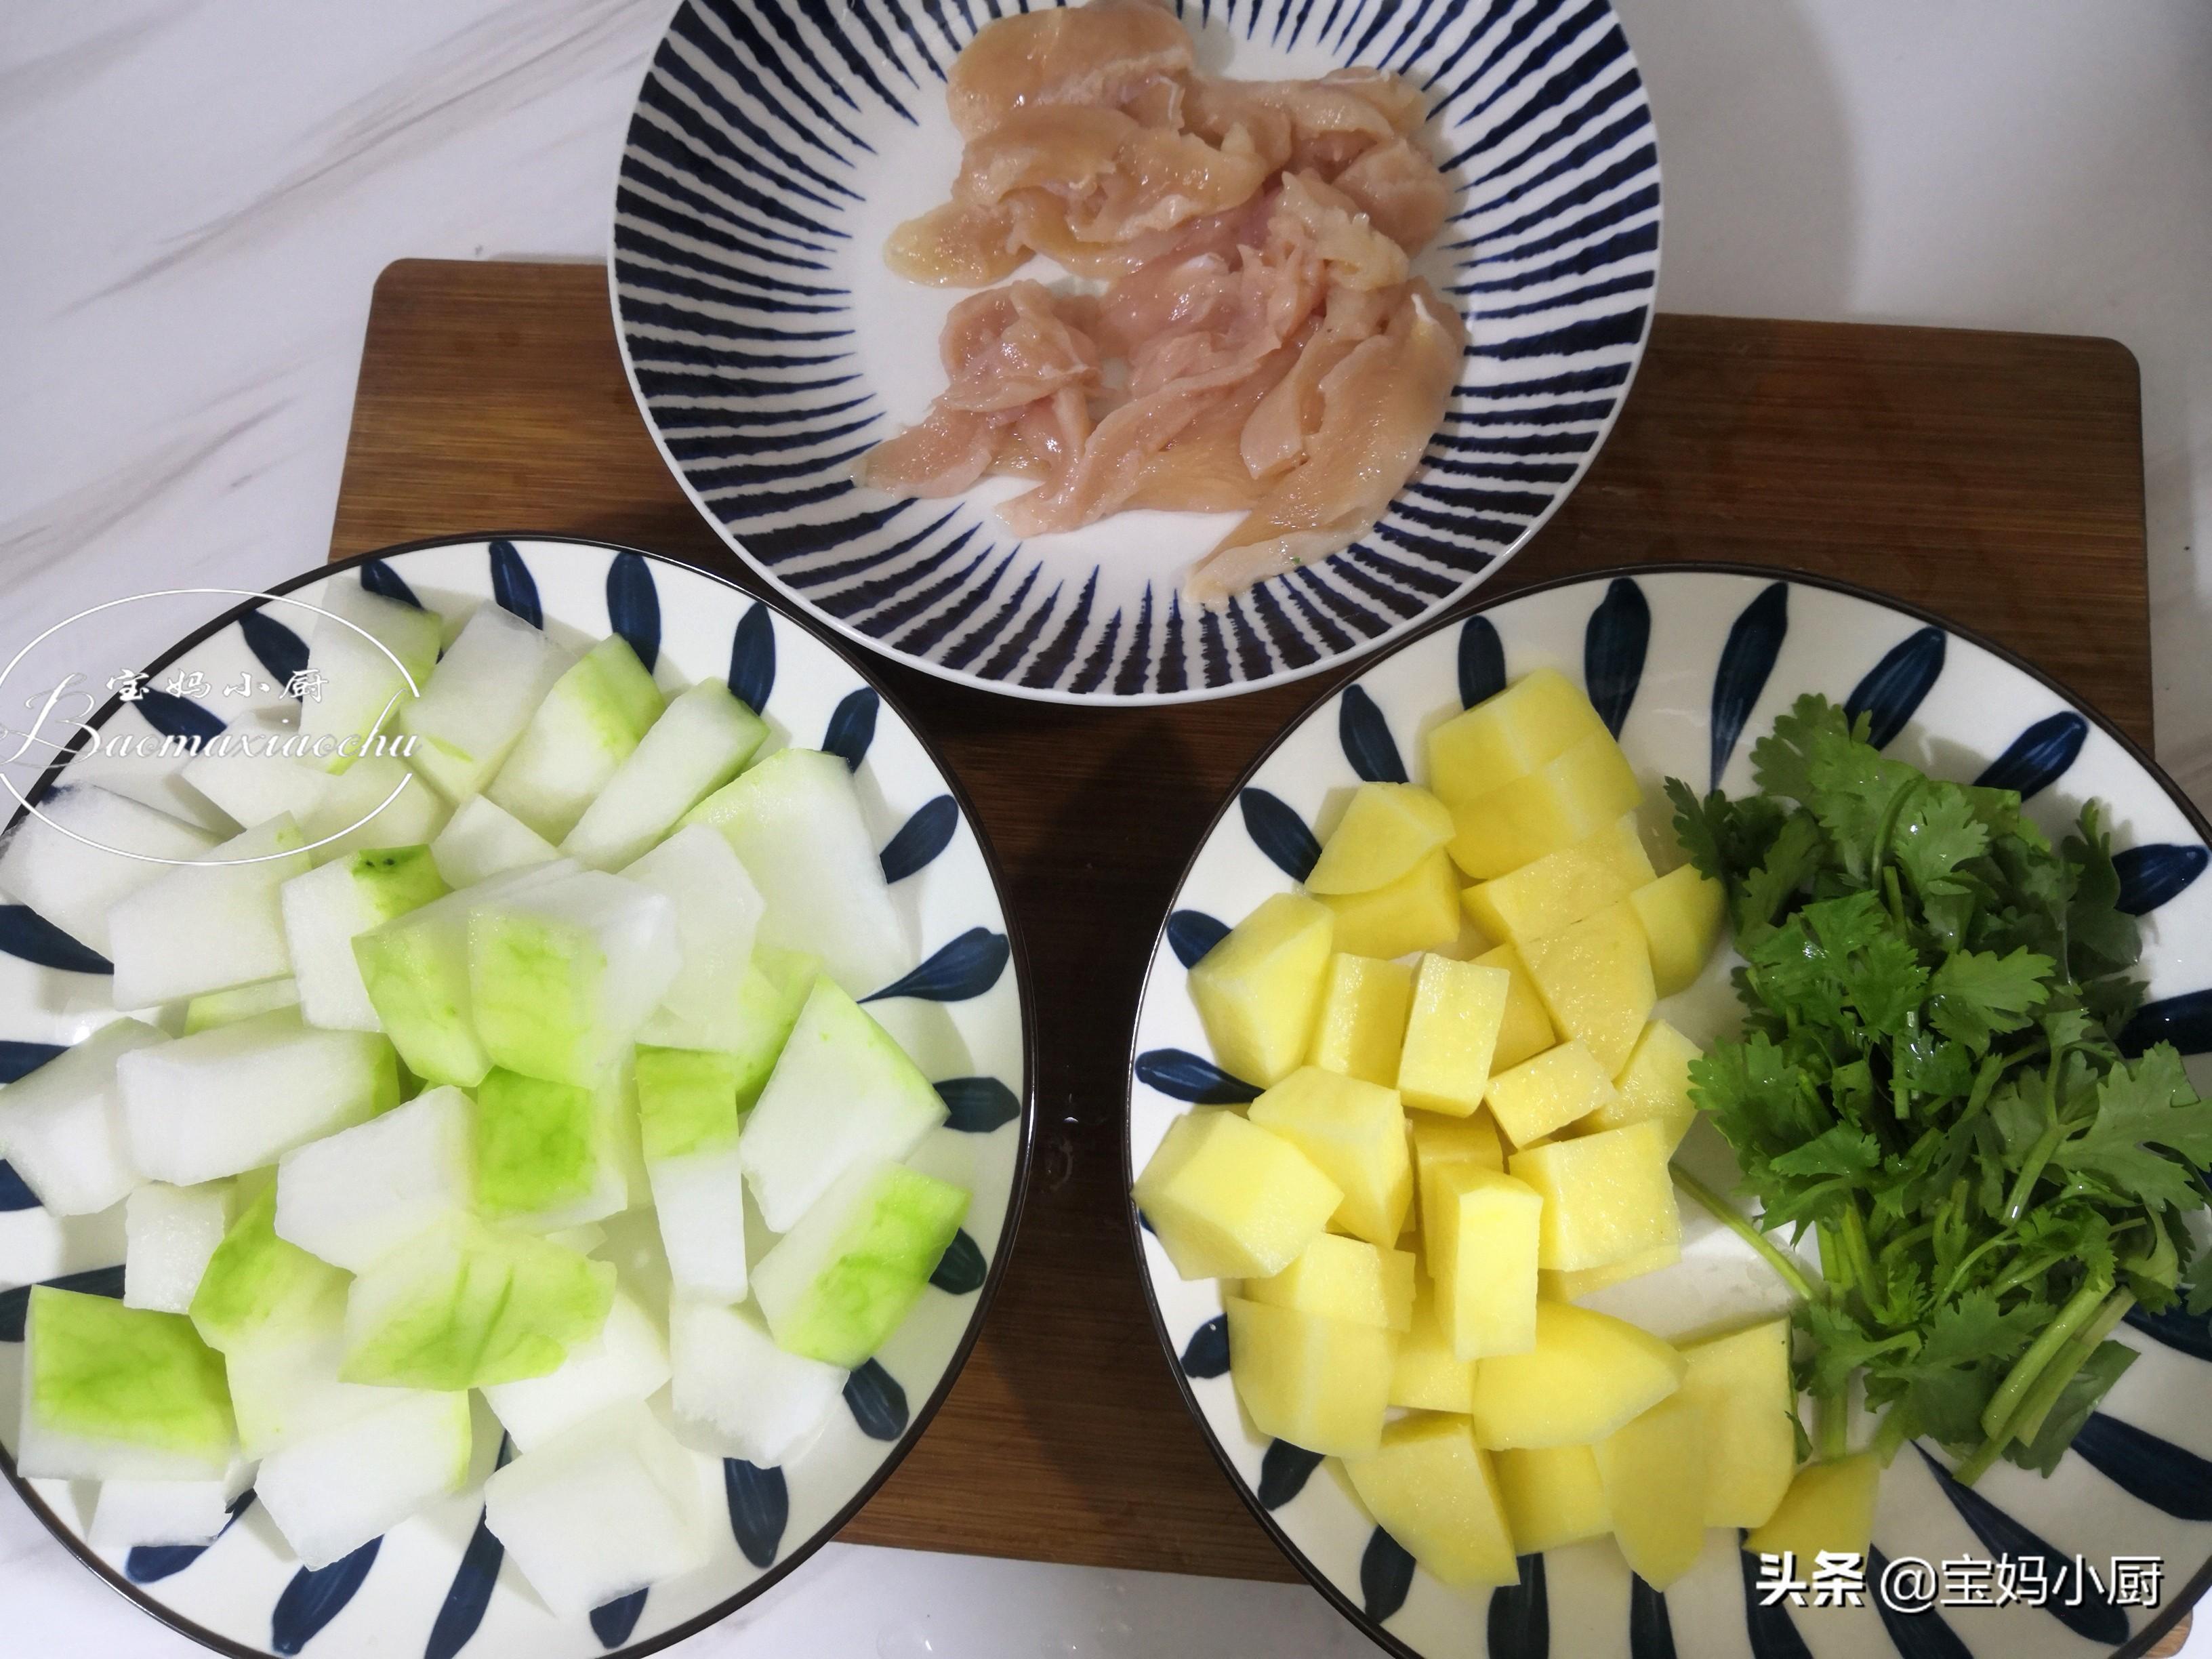 夏季减肥要喝的汤,有肉有菜高蛋白,营养多热量低,好吃助减肉